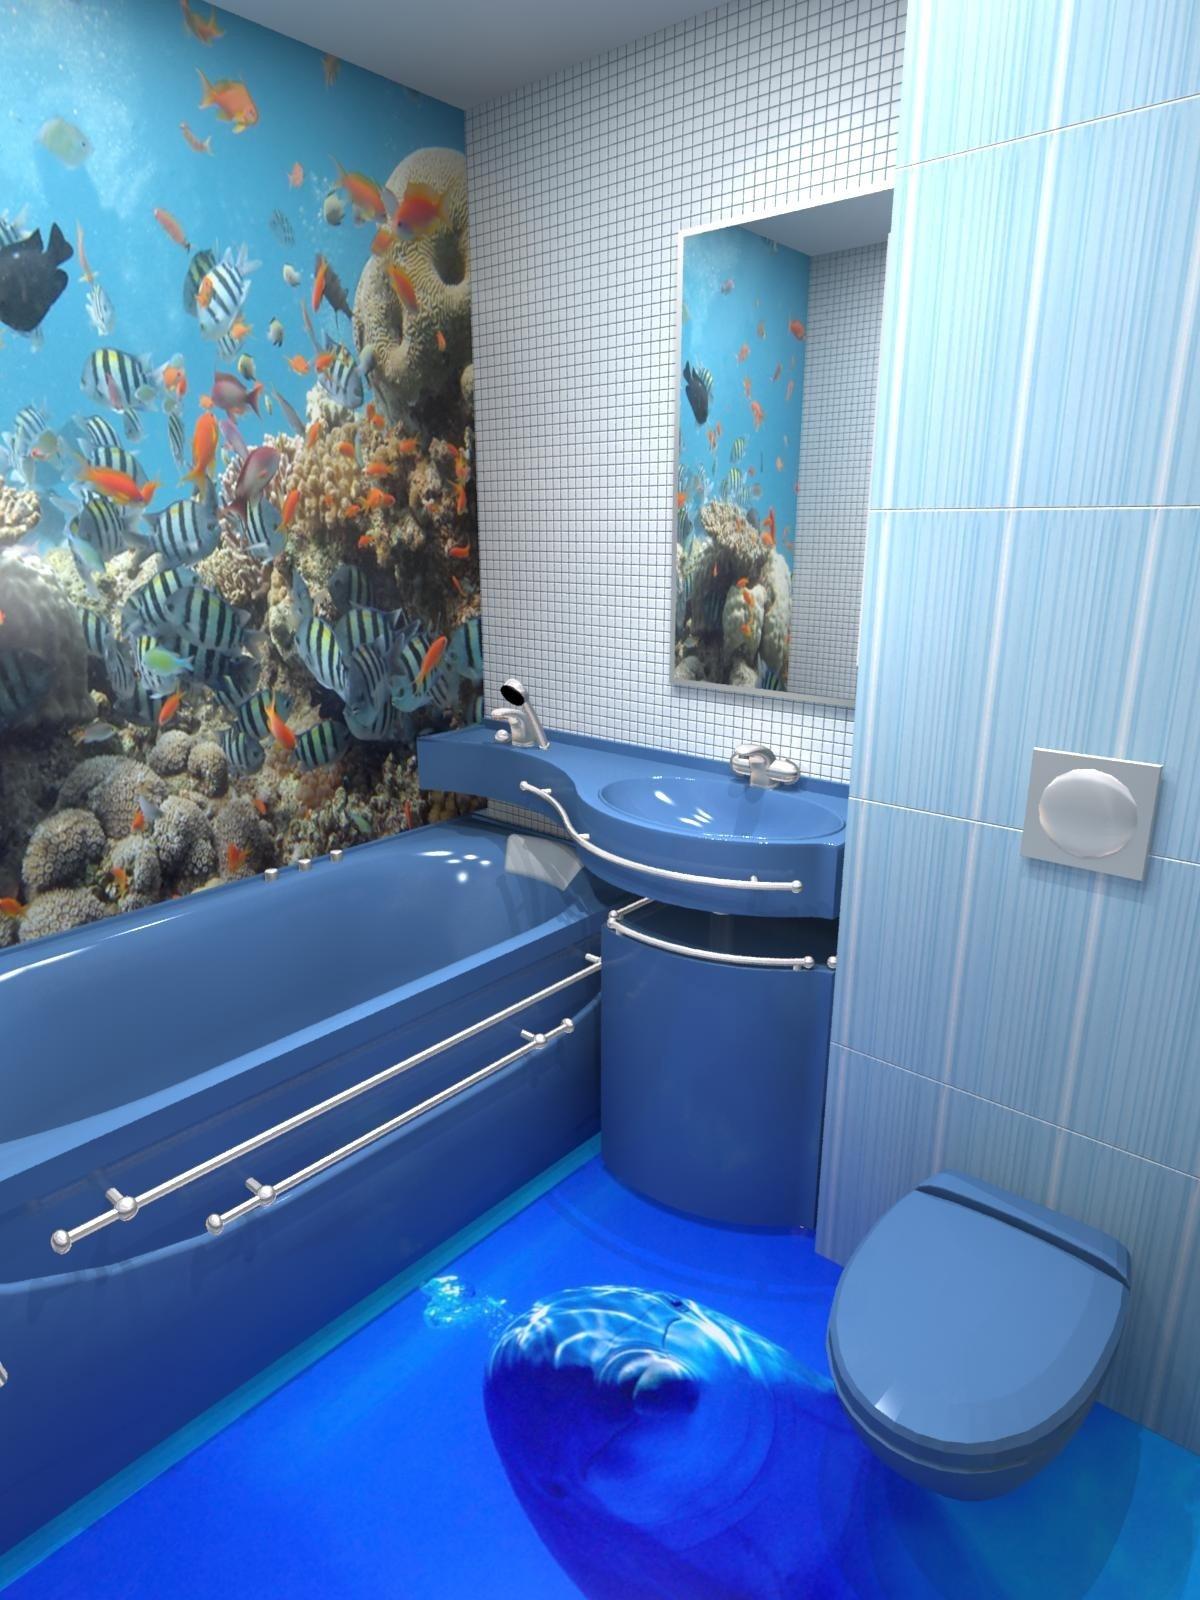 Небольшоя ванная комната в синих тонах